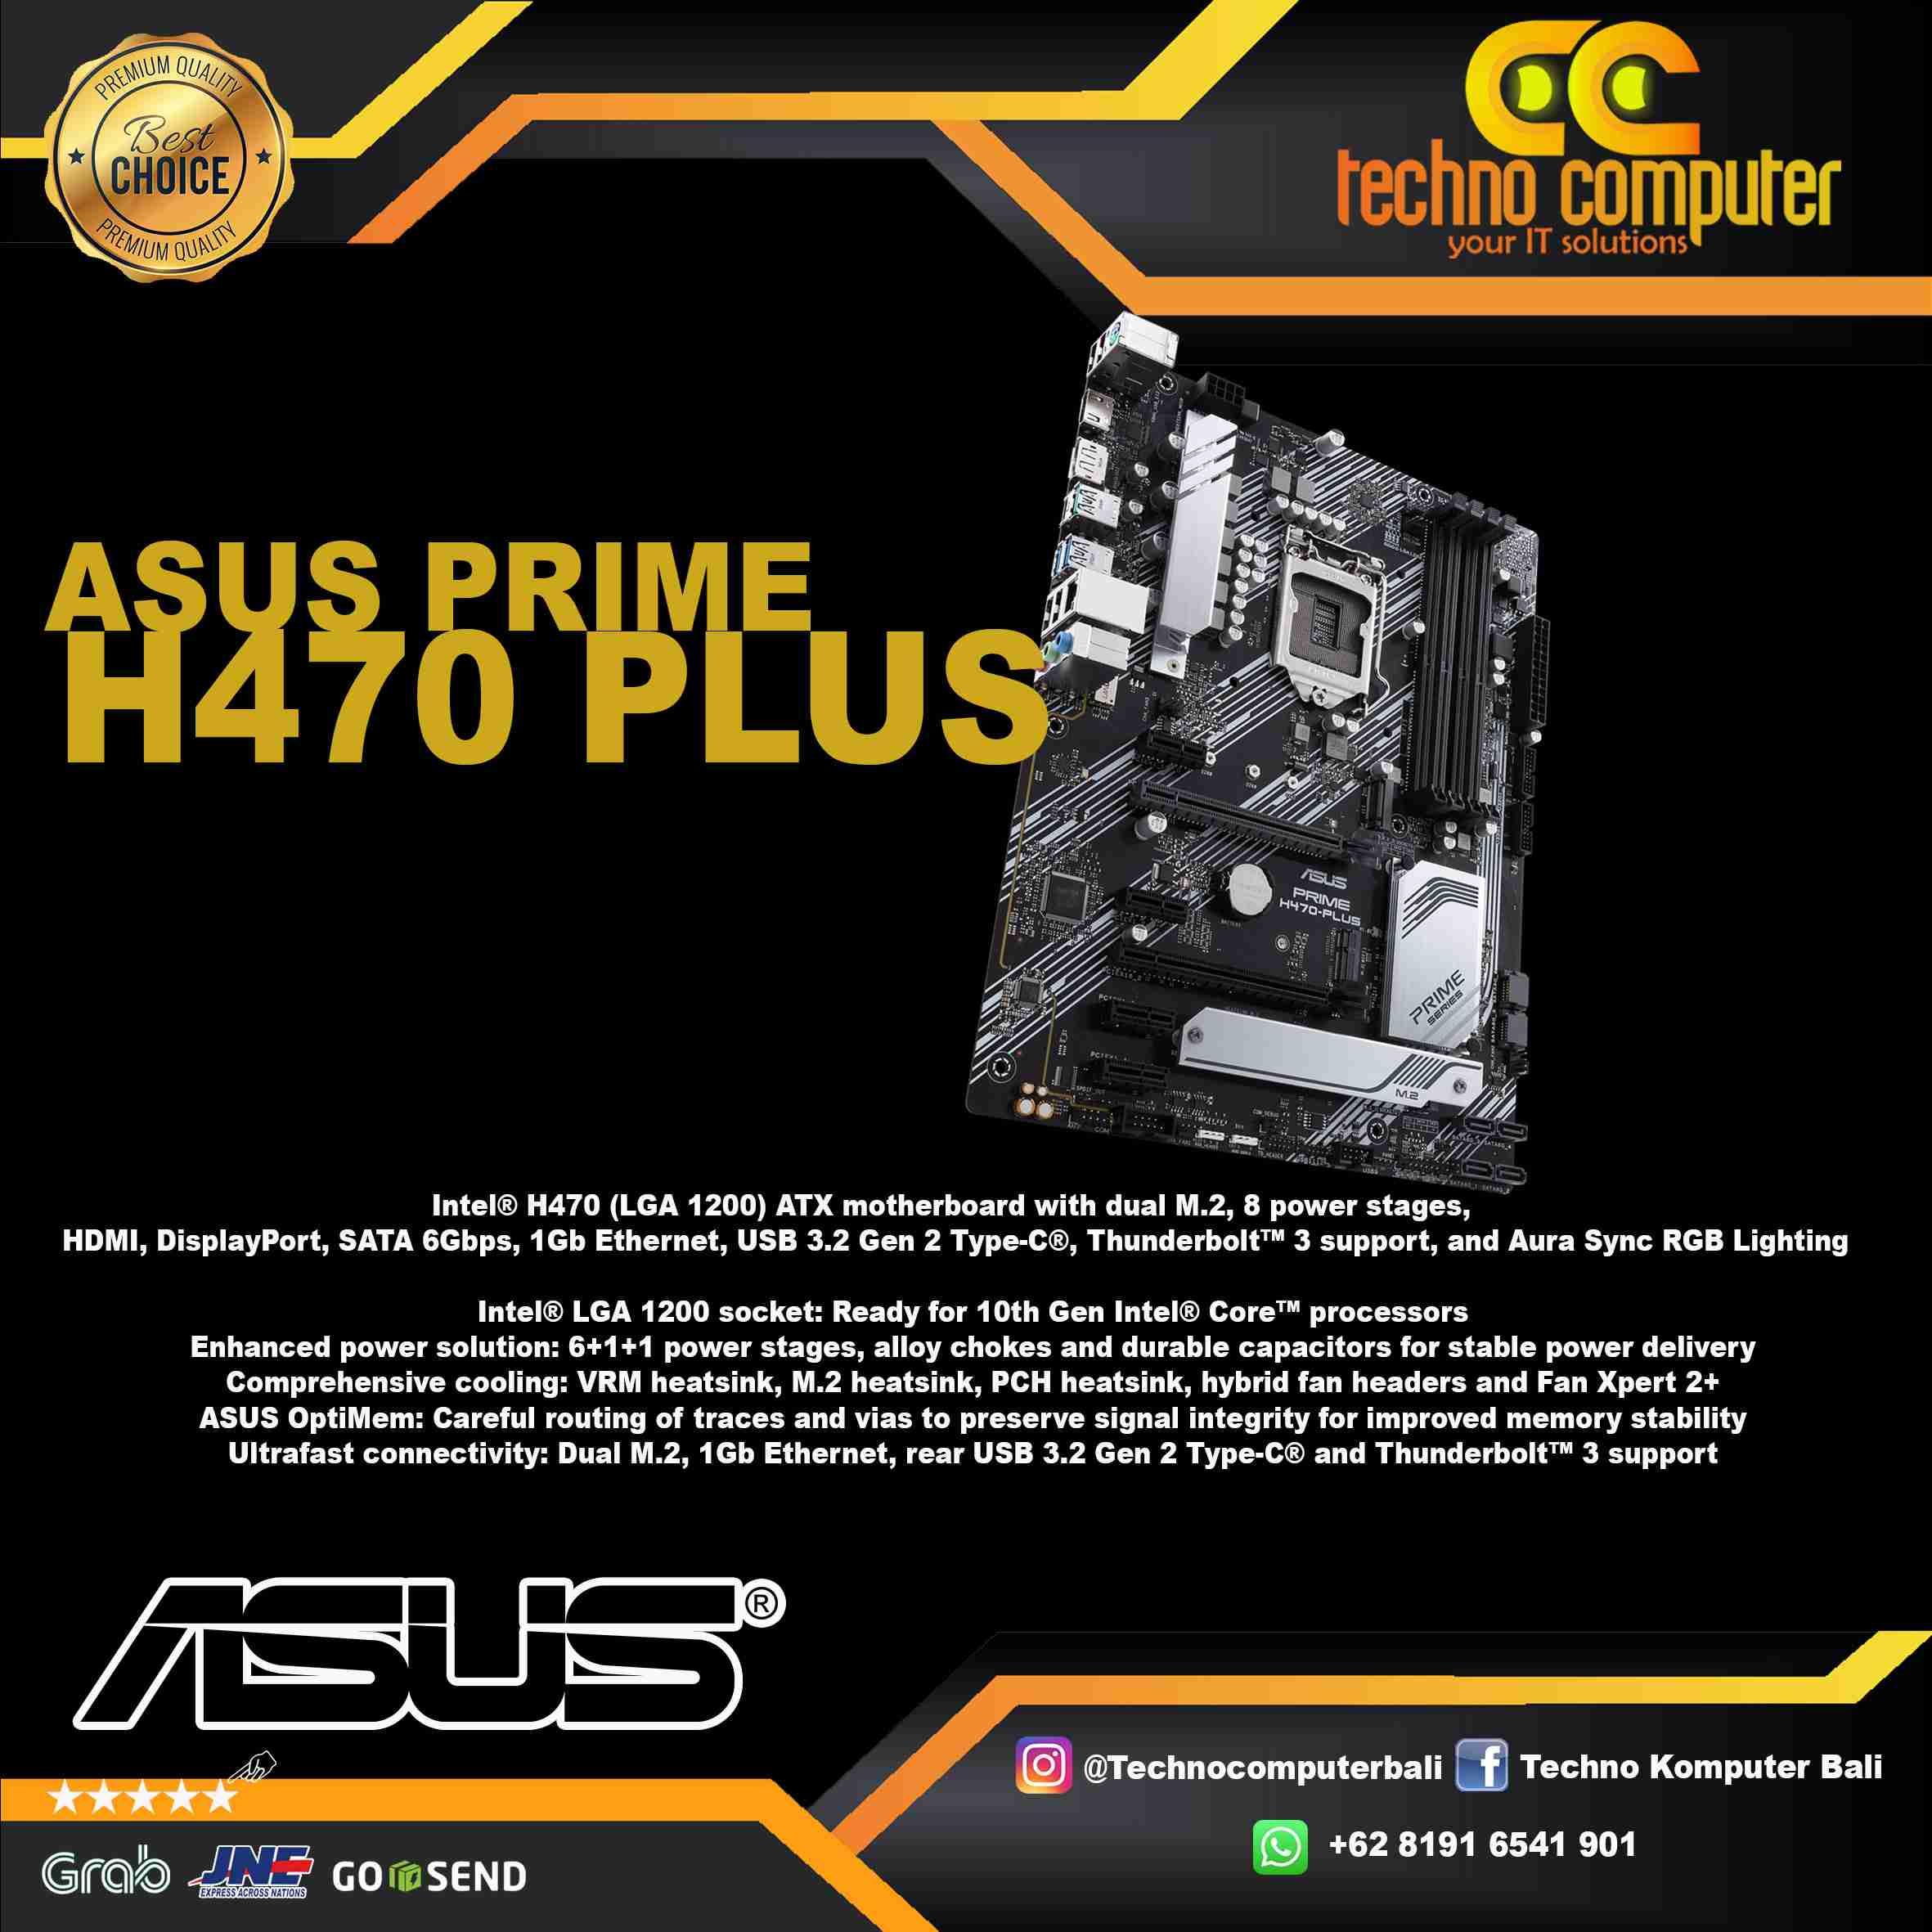 ASUS PRIME H470 PLUS - INTEL LGA 1200